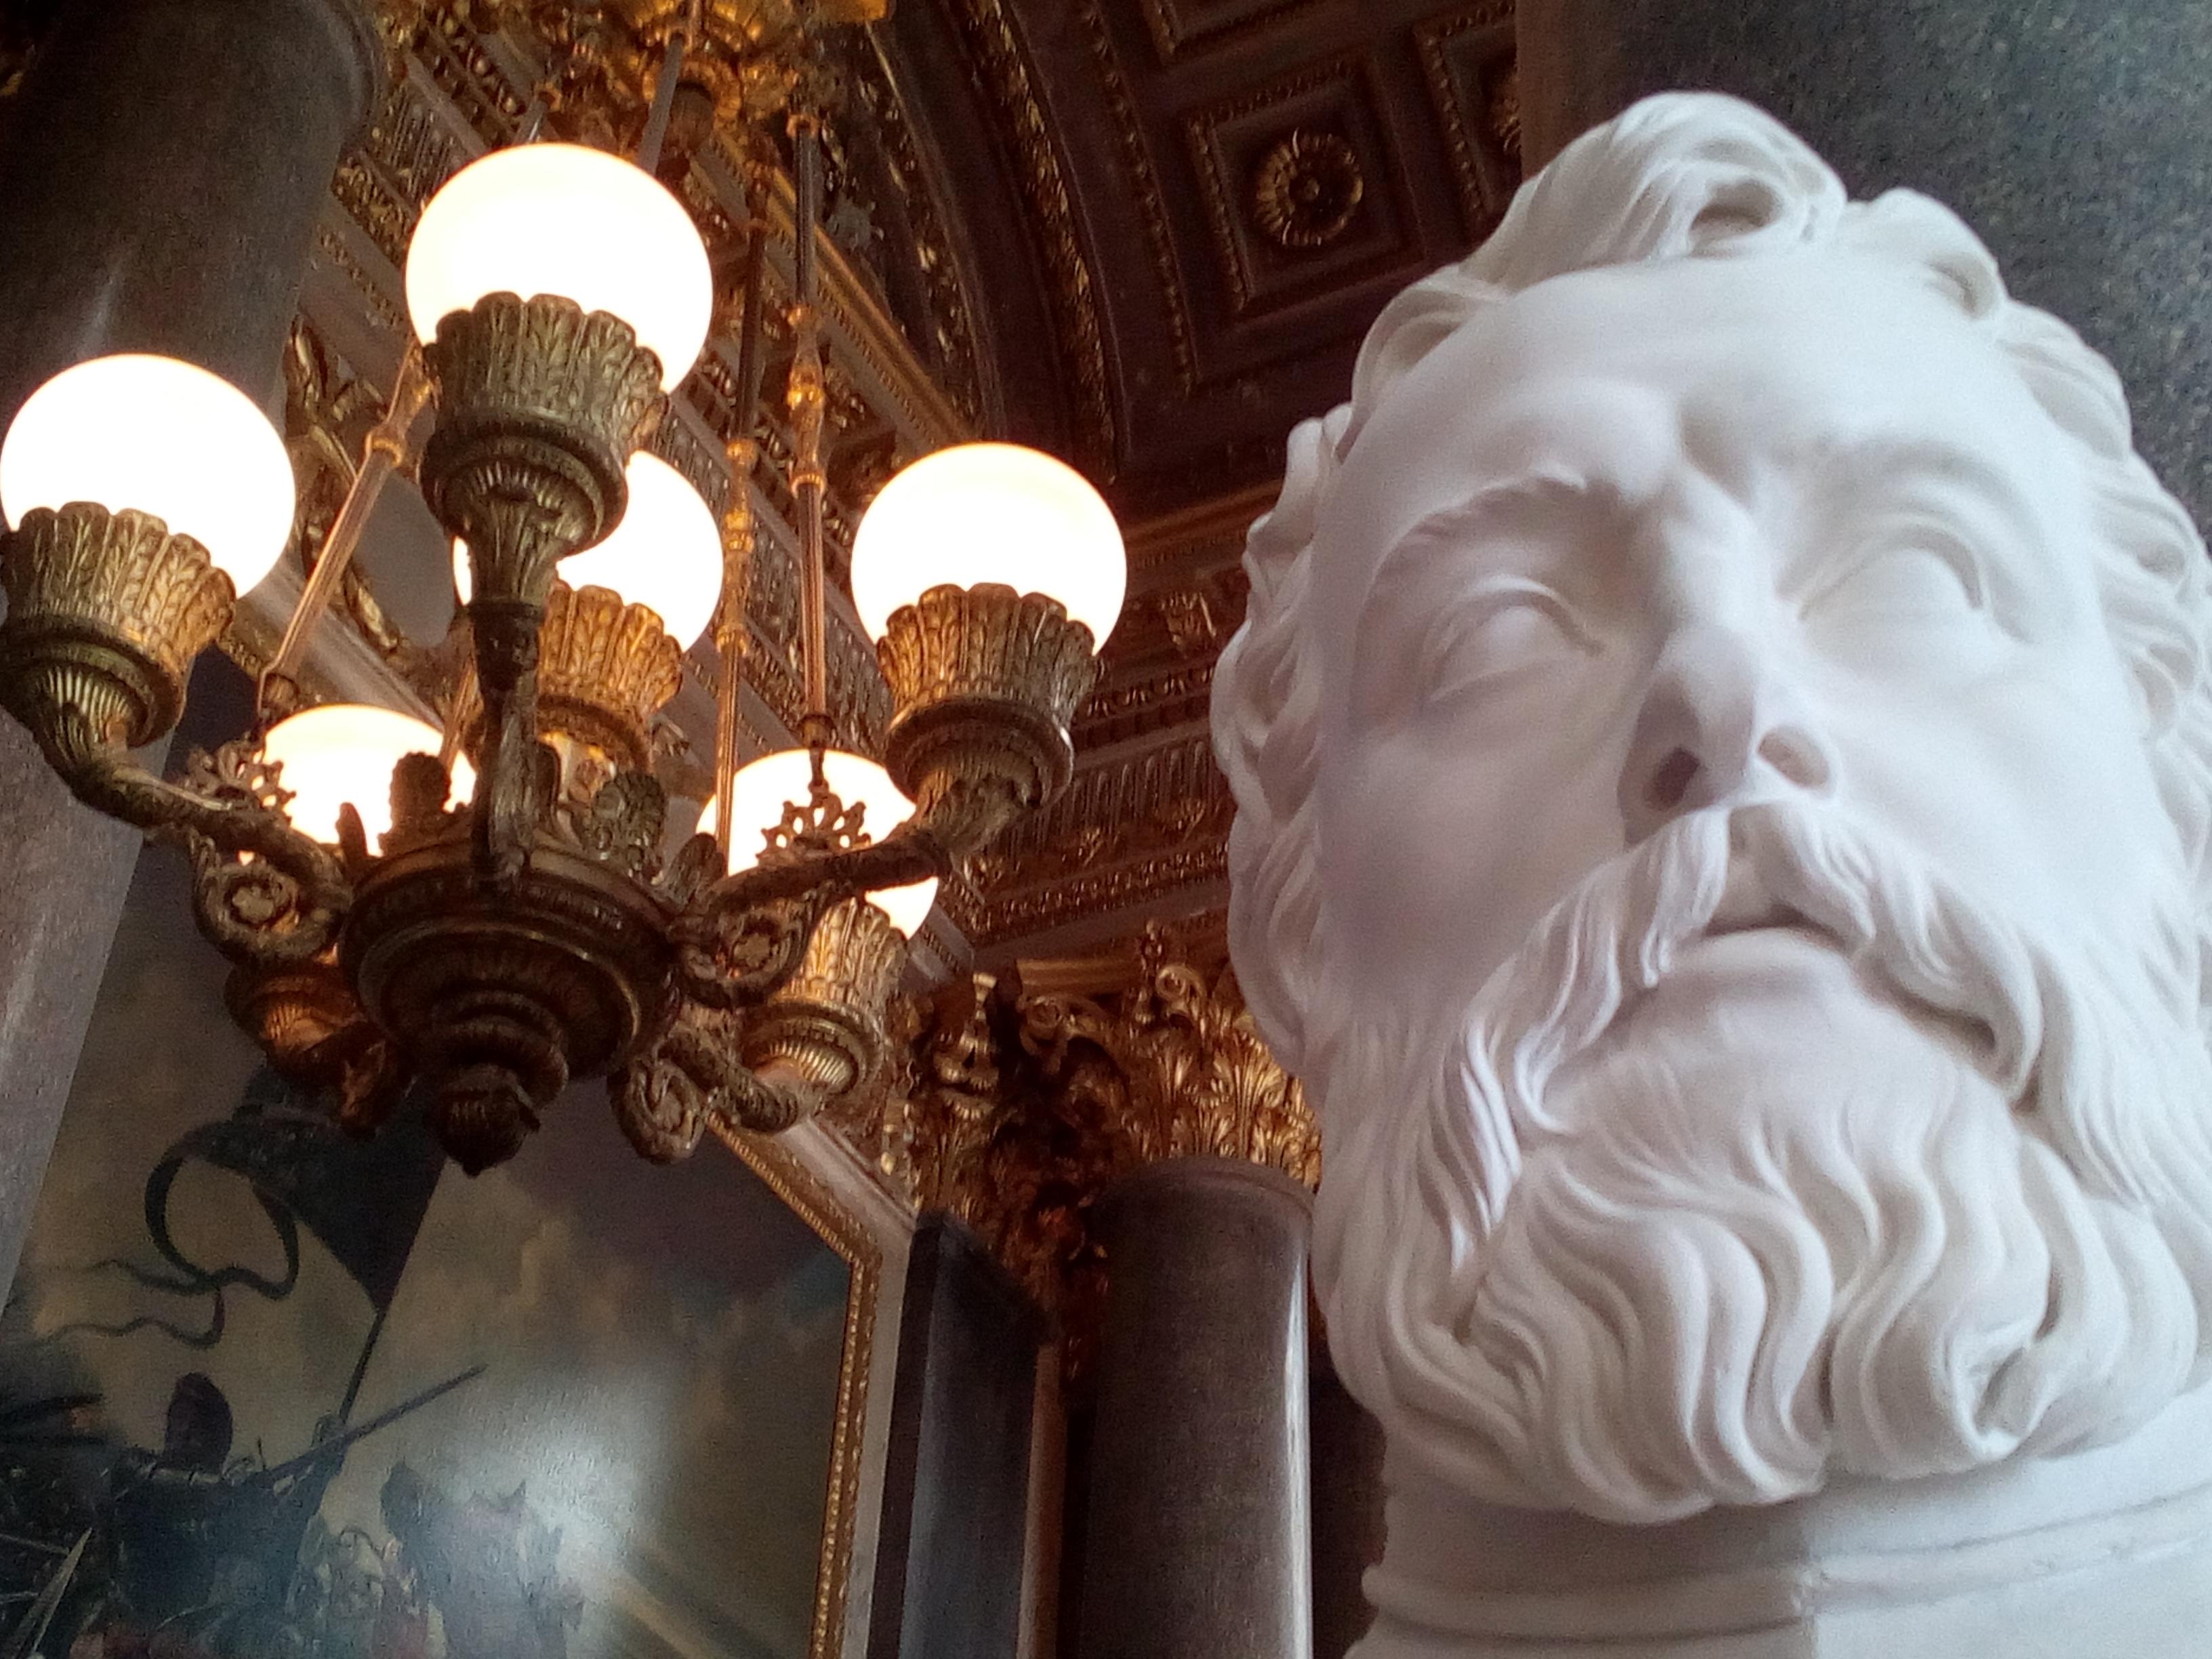 Galerie des Batailles du château de Versailles, Bataille de Castillon 1453 et buste de Pierre Strozzi